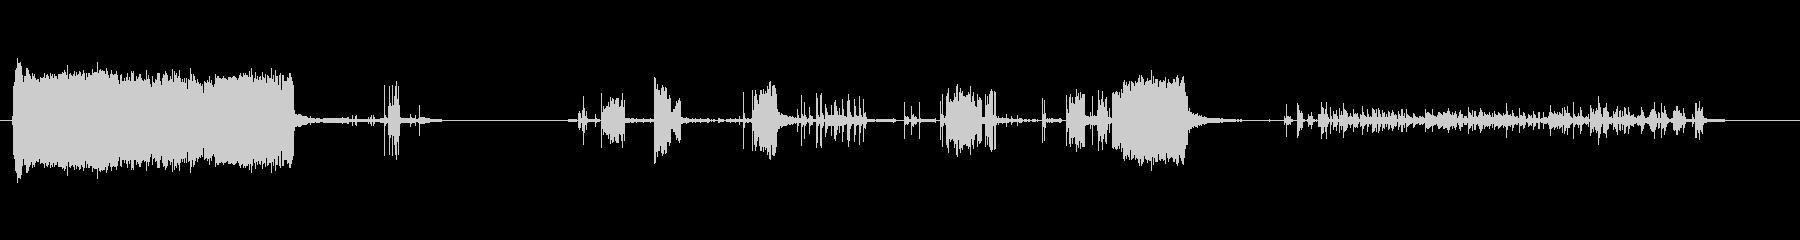 さまざまな電気アークと火花の未再生の波形